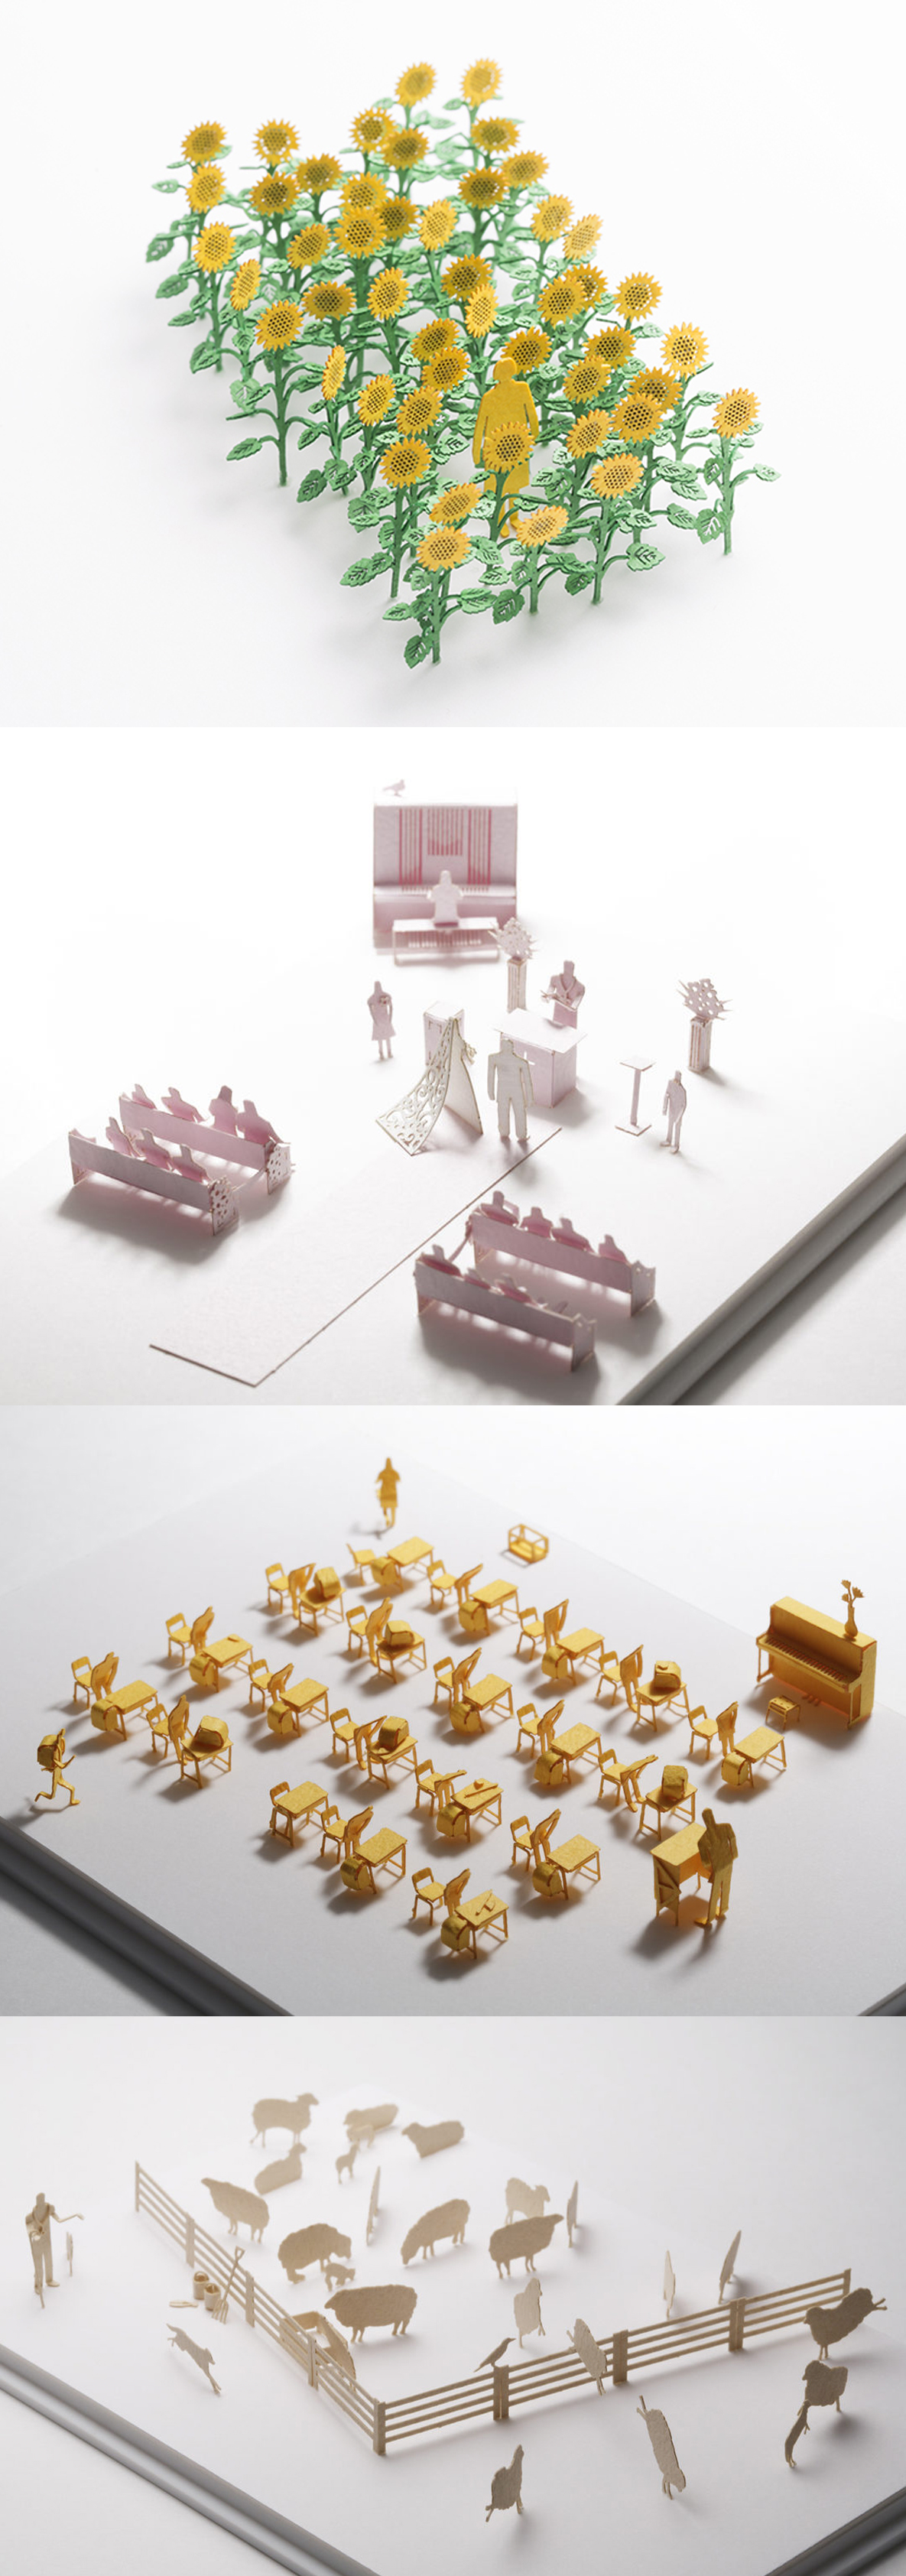 策展人:每个配件都富有想象力,配合上精致的细节,恰似一场设计的寻梦之旅。 - 这些建筑模型配件设计考究。每个部件的布局都经过精心设计,以便让您在整个组装的过程中都能感受到无尽的兴奋。